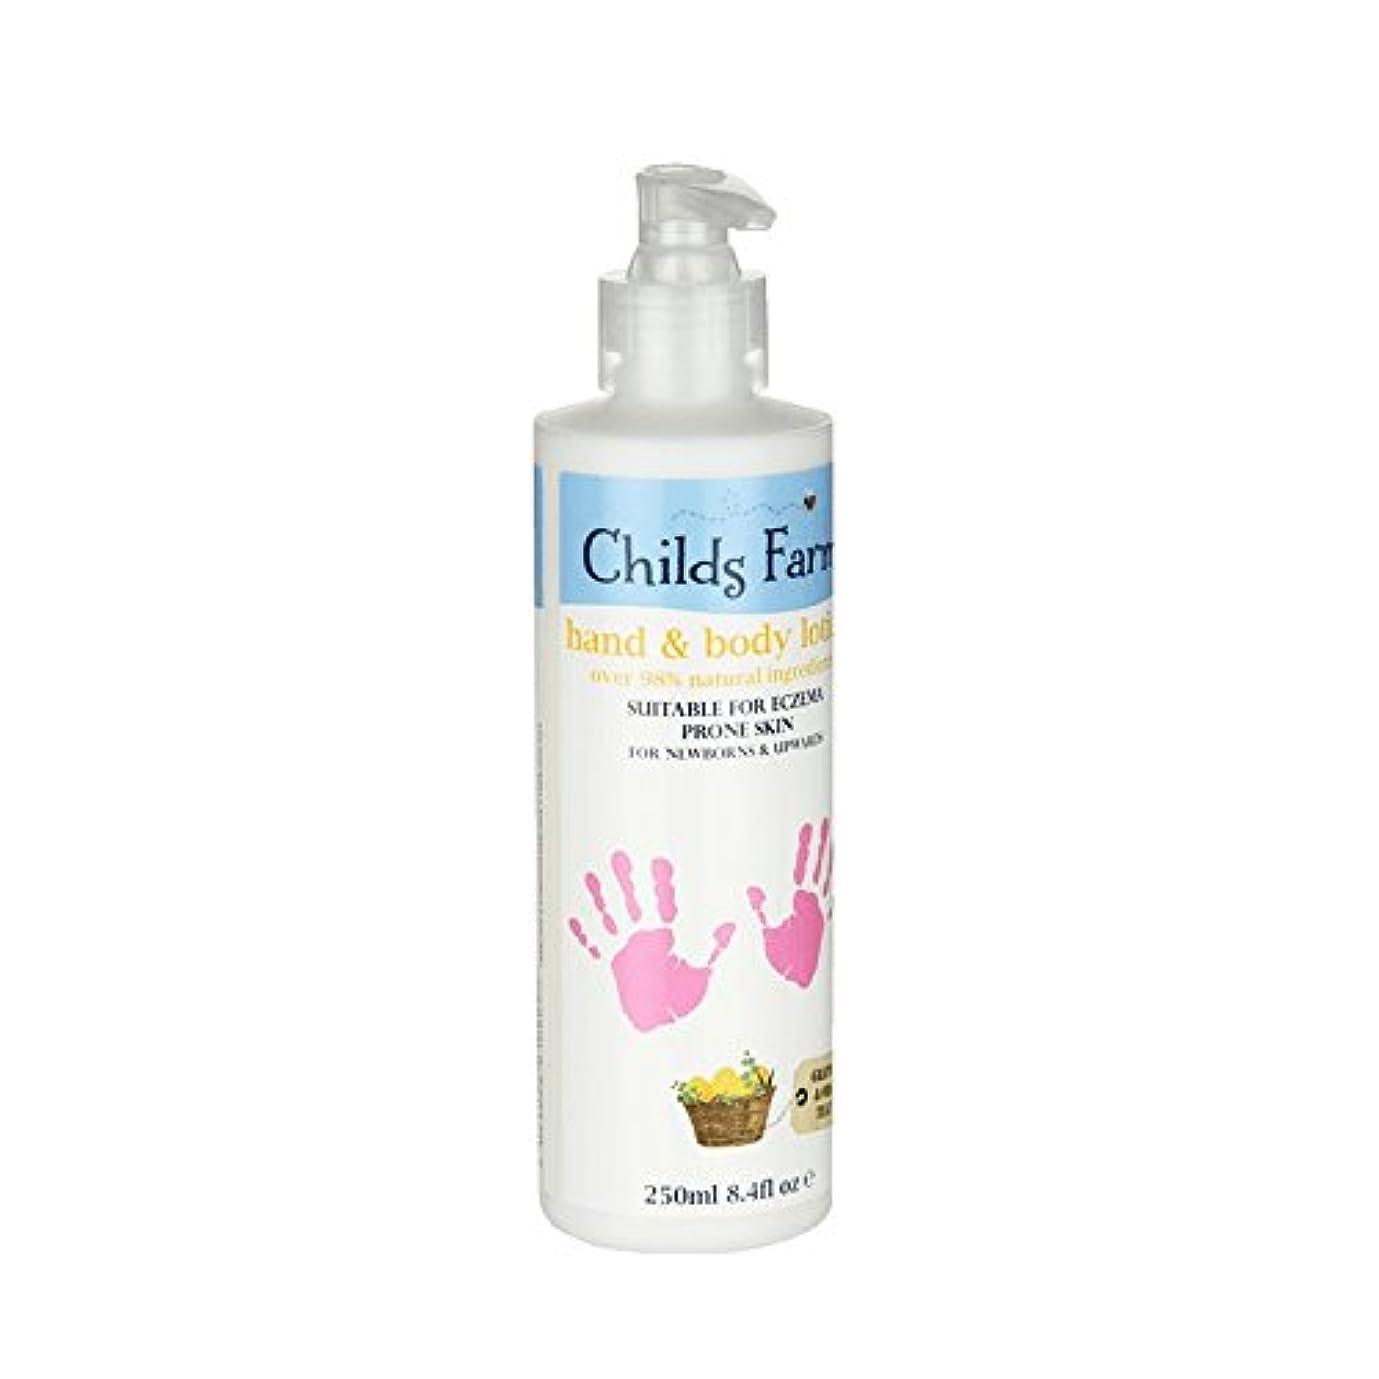 ラッドヤードキップリングお酢捕虜絹のような肌の250ミリリットルのためのチャイルズファームハンド&ボディローション - Childs Farm Hand & Body Lotion for Silky Skin 250ml (Childs Farm)...